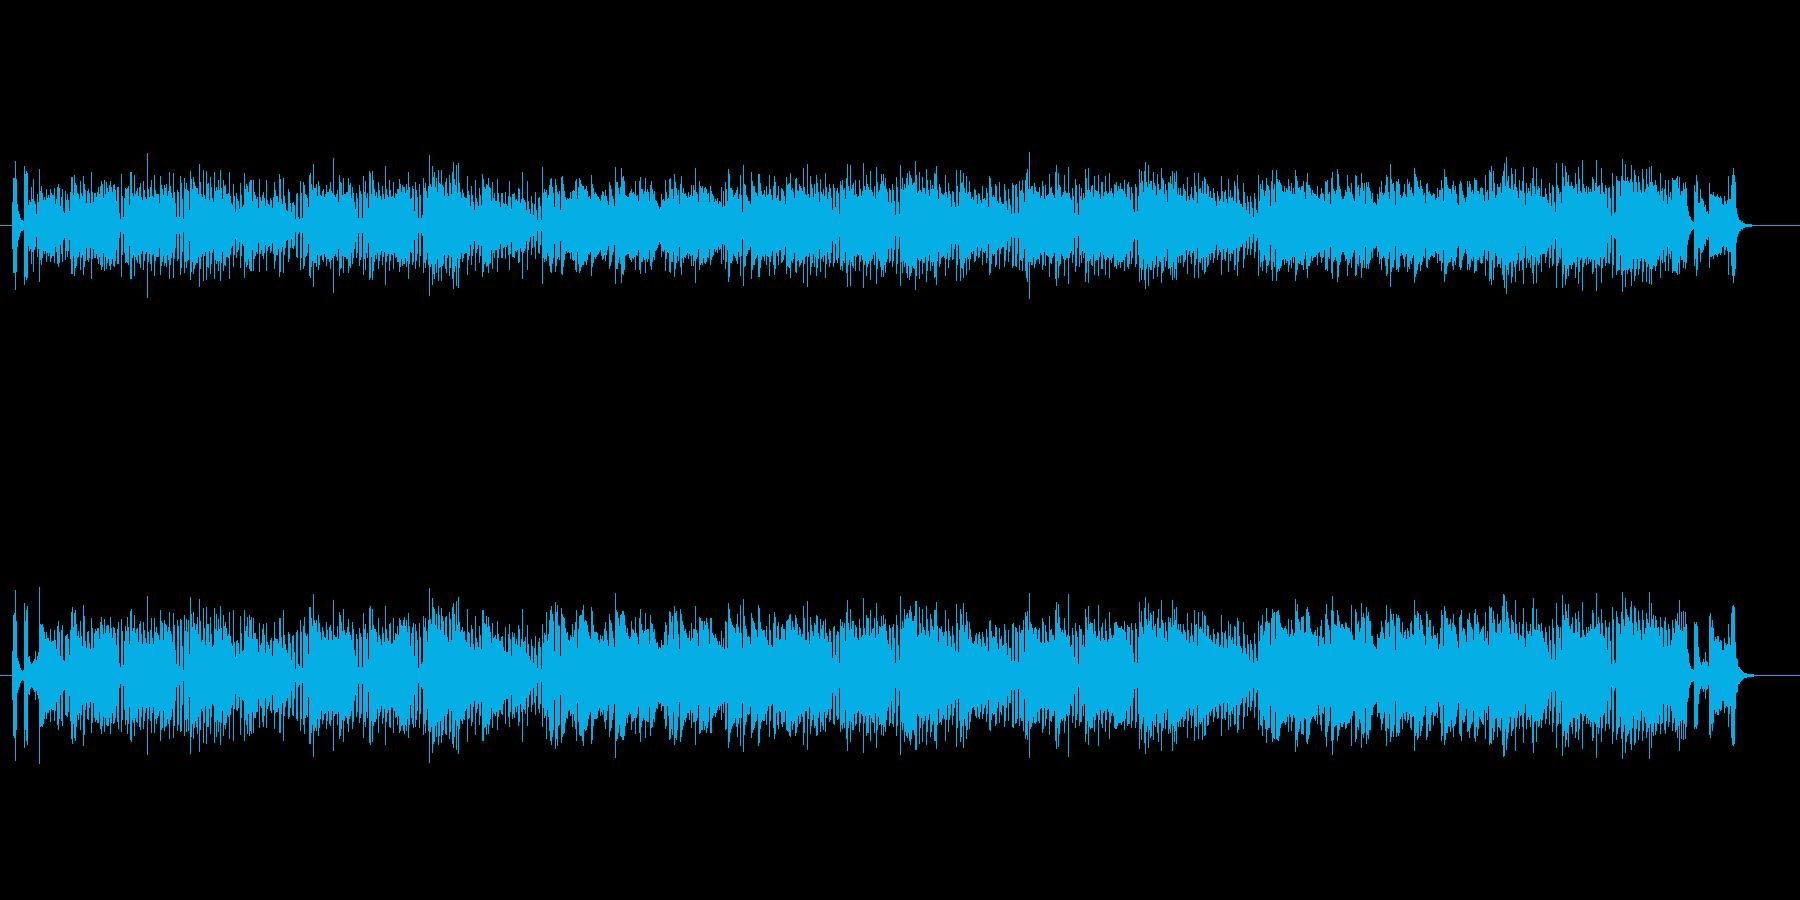 マイナー調フュージョン(ドラマ主題歌風)の再生済みの波形